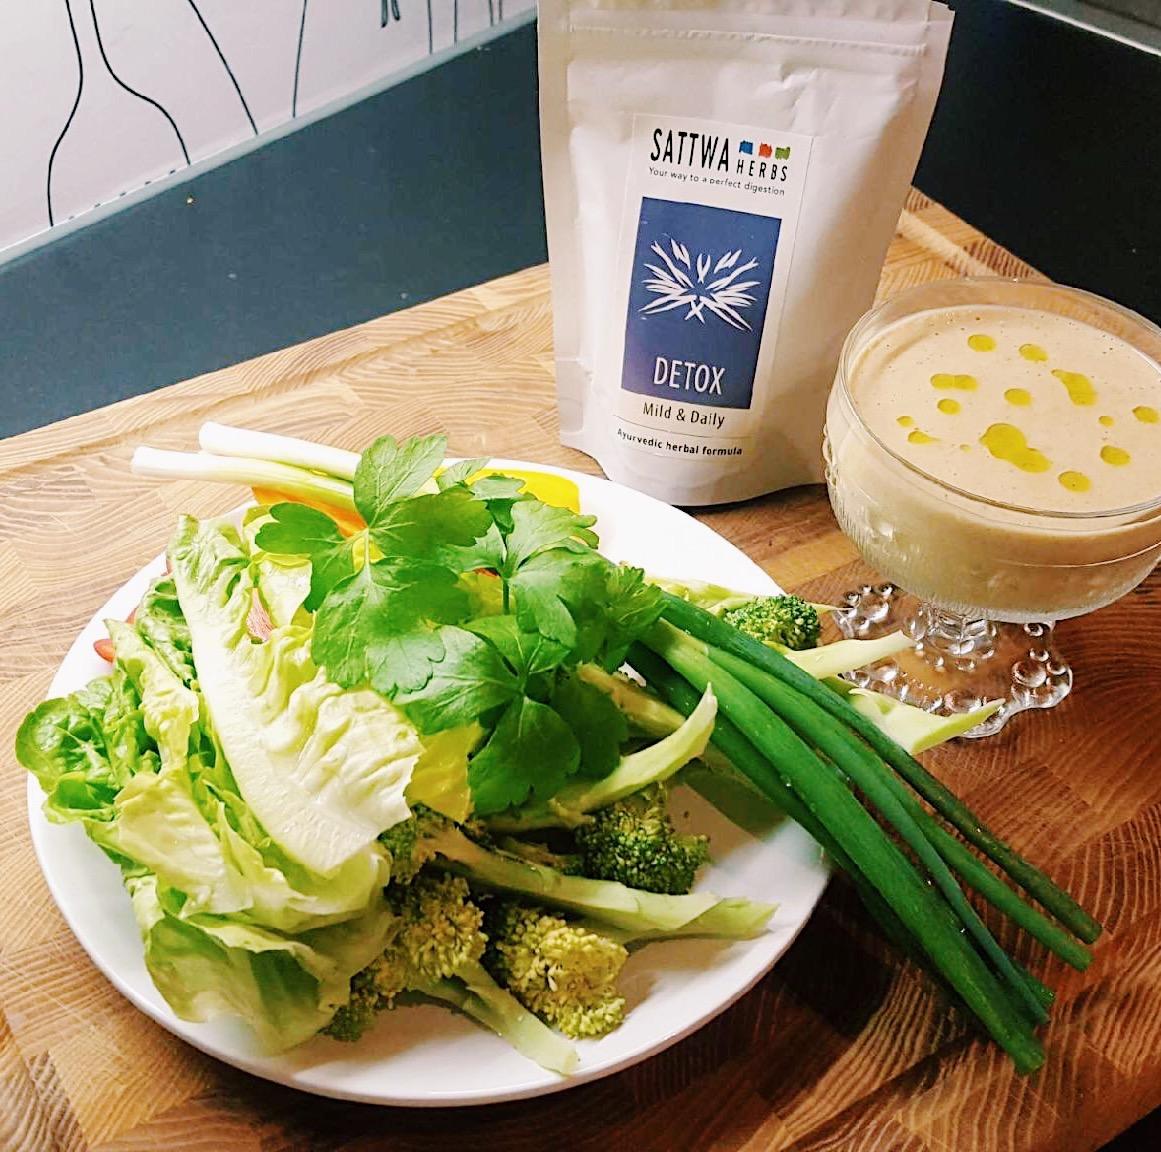 detox - sattwa herbs - sallad